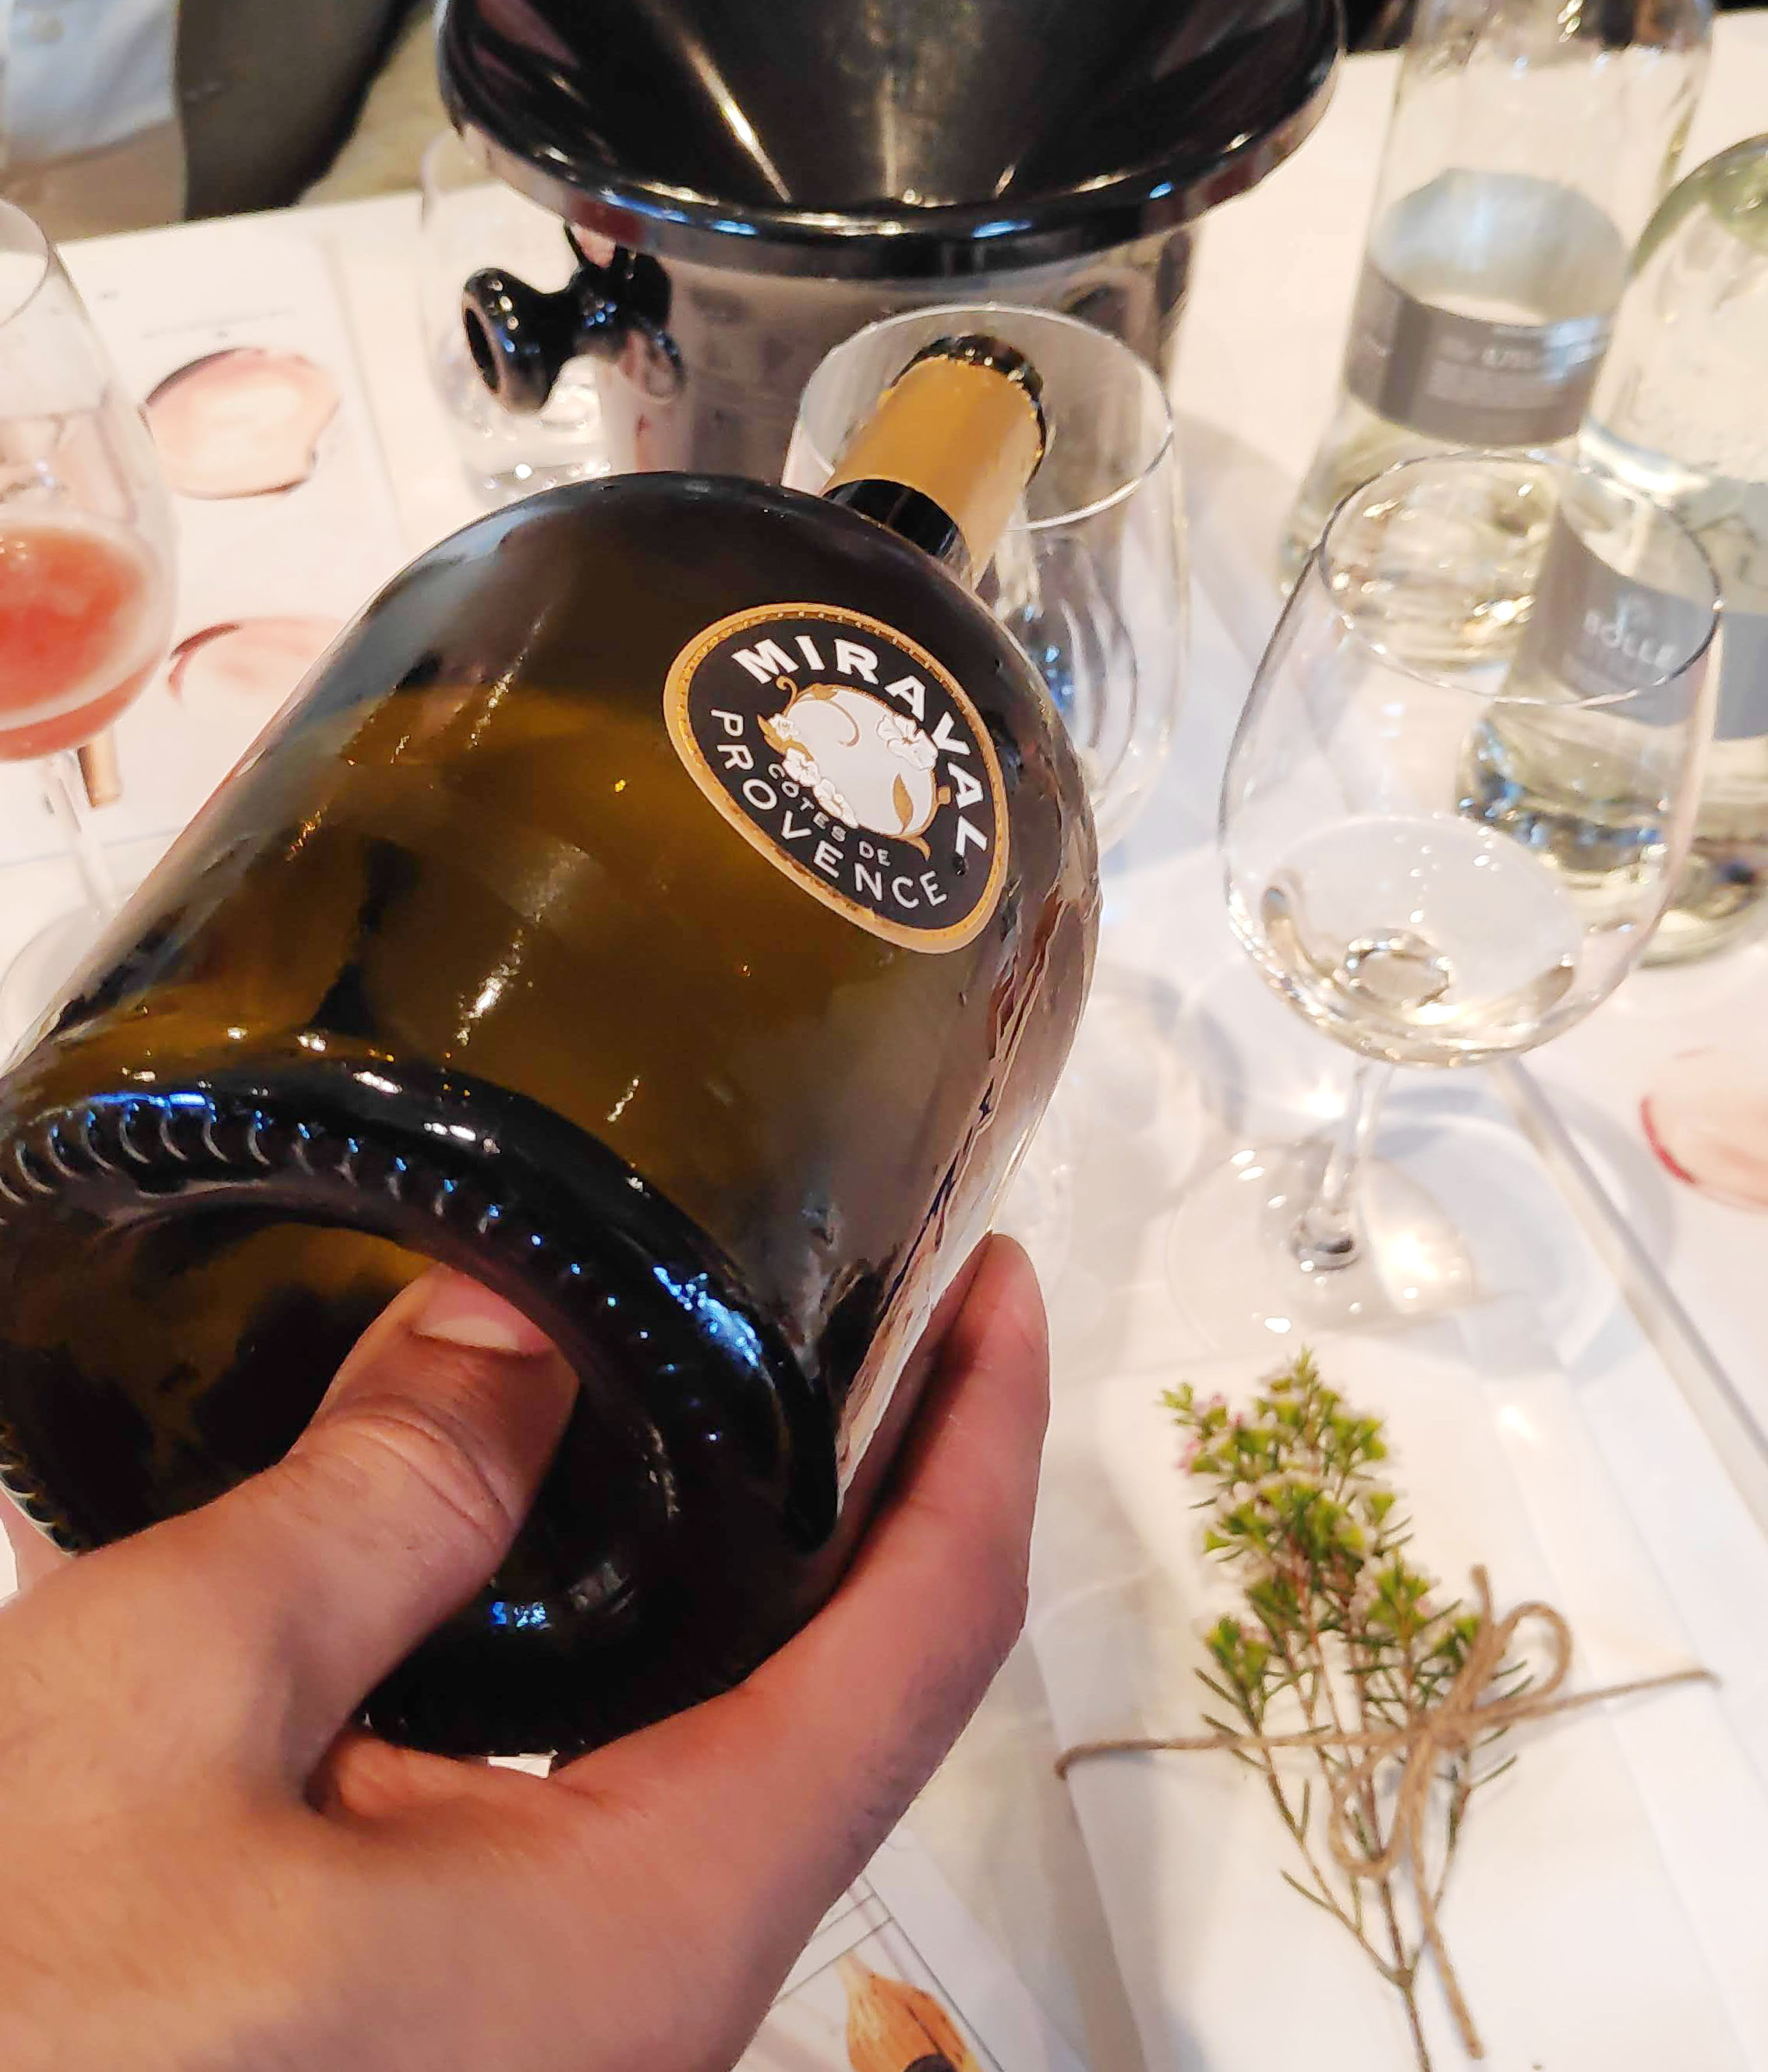 Miraval Rosé is een van de beste rosé wijnen ter wereld. Ook in magnum is deze verkrijgbaar en dan heb je dubbel zoveel plezier. Maar ook Miraval wit is een heerlijke witte wijn.